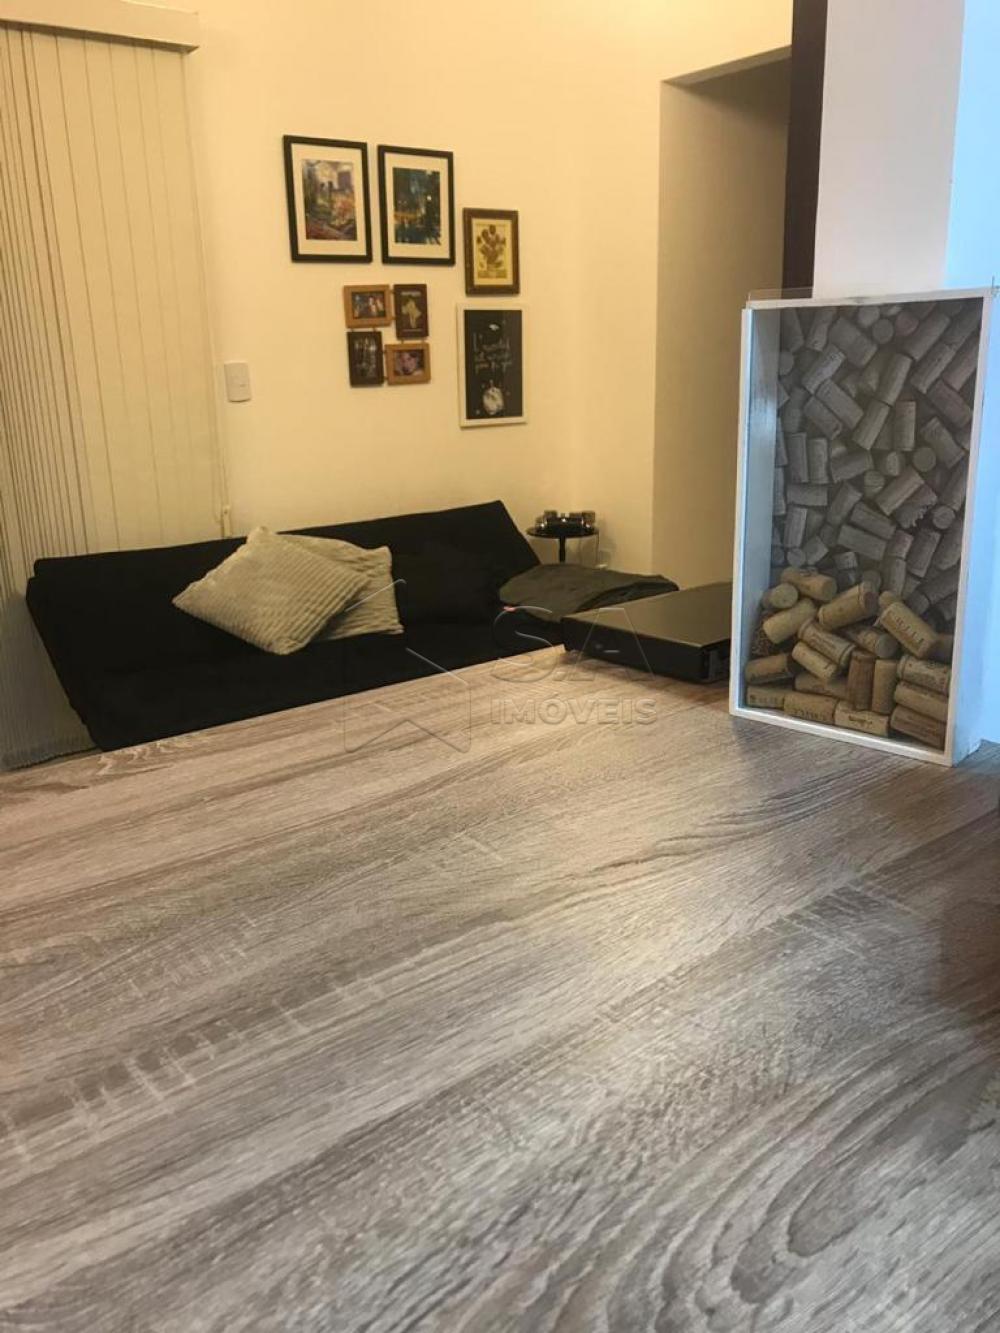 Comprar Apartamento / Padrão em Botucatu R$ 360.000,00 - Foto 4